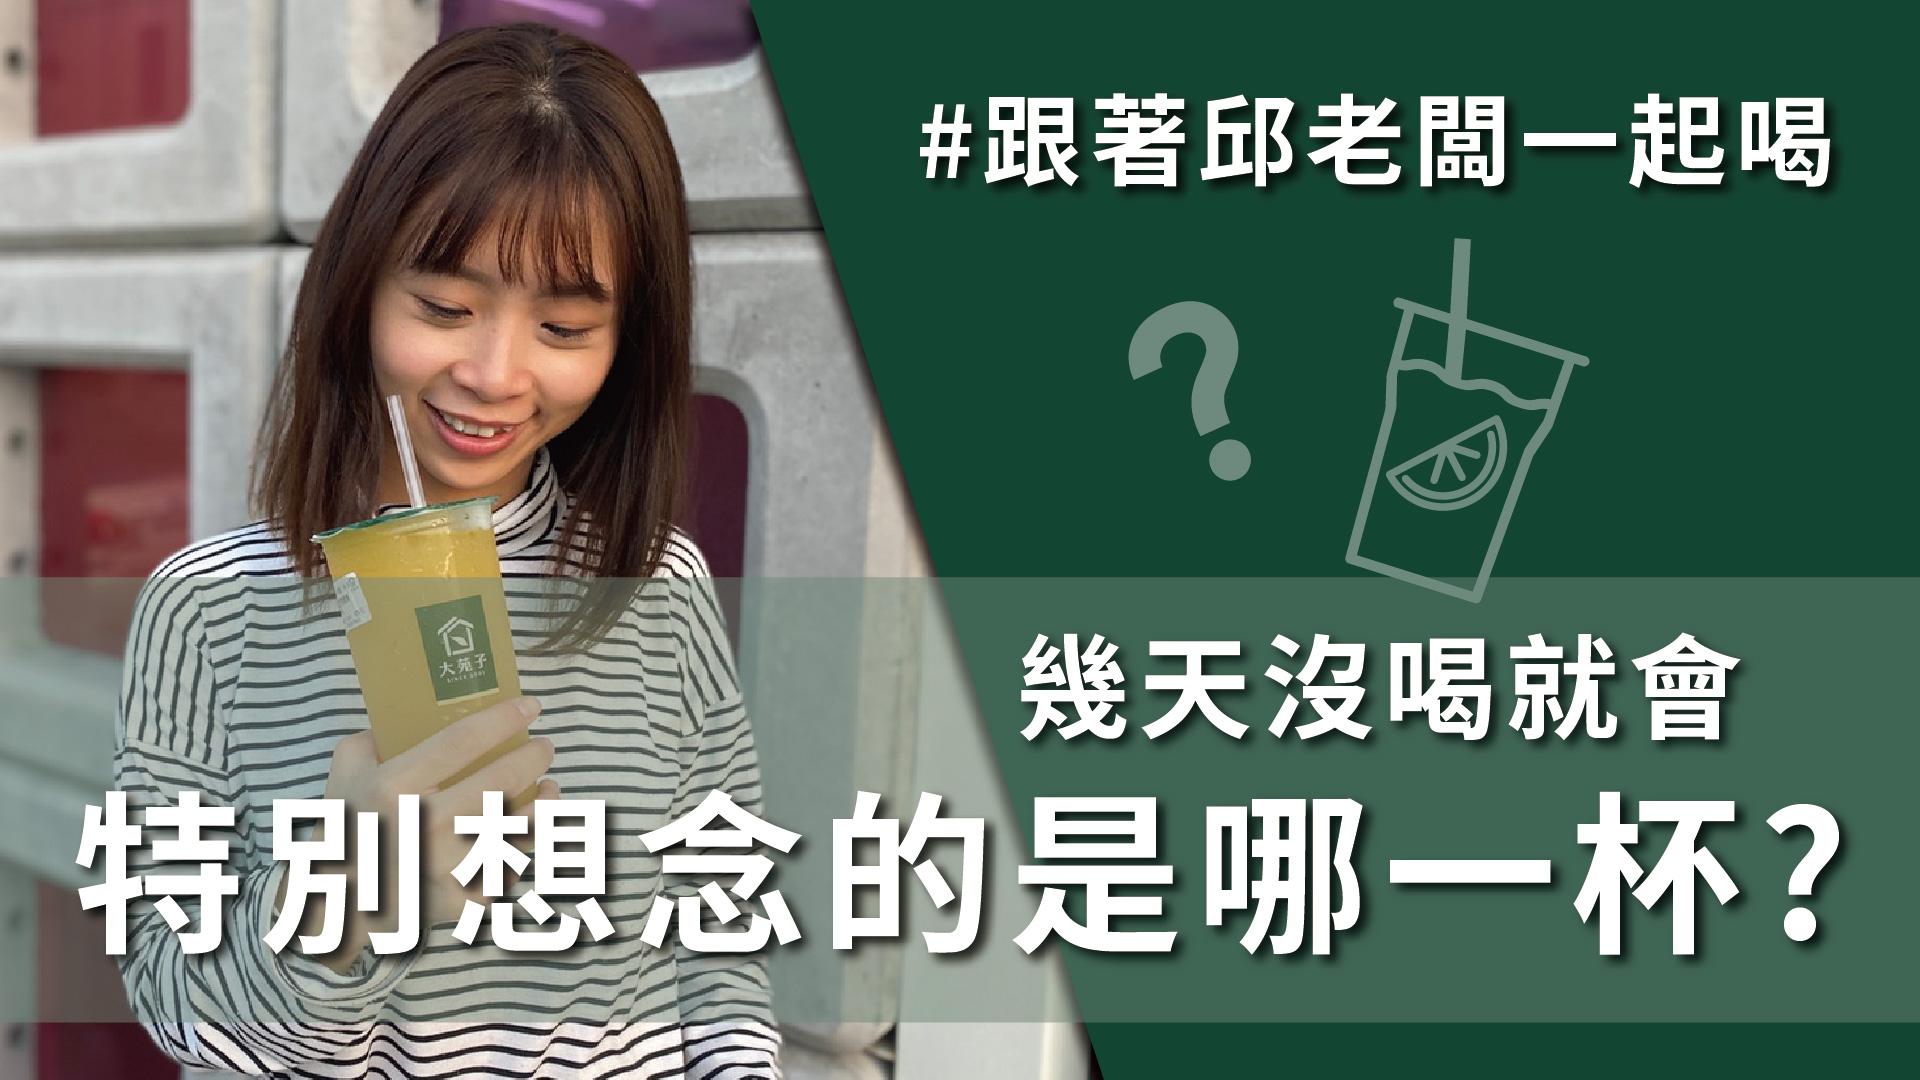 飲料控喝起乃! 台灣鮮搾柳橙綠,最清爽順口的口感!您一定要試看看! #2月8日 #DAY148